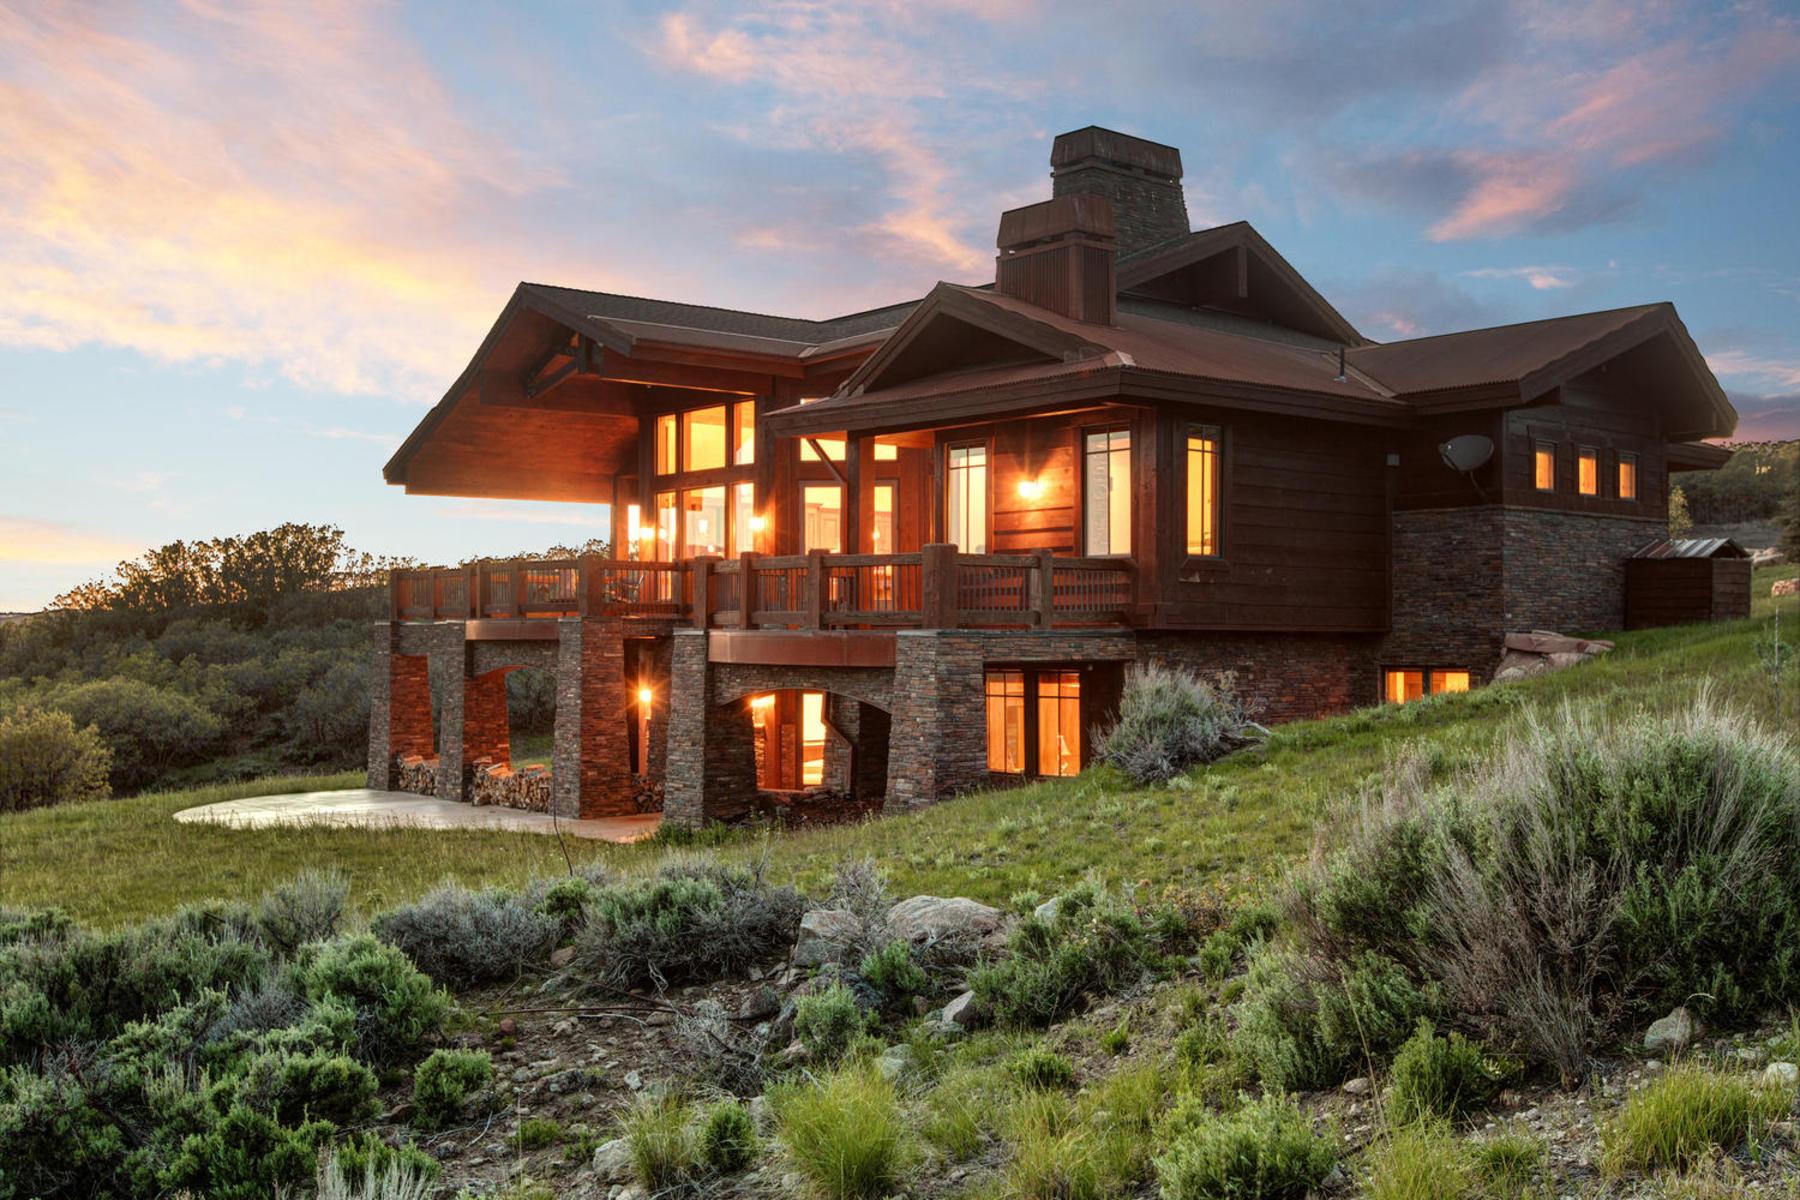 Частный односемейный дом для того Продажа на Immaculate Promontory Home 8931 Hidden Hill Lp Park City, Юта, 84098 Соединенные Штаты